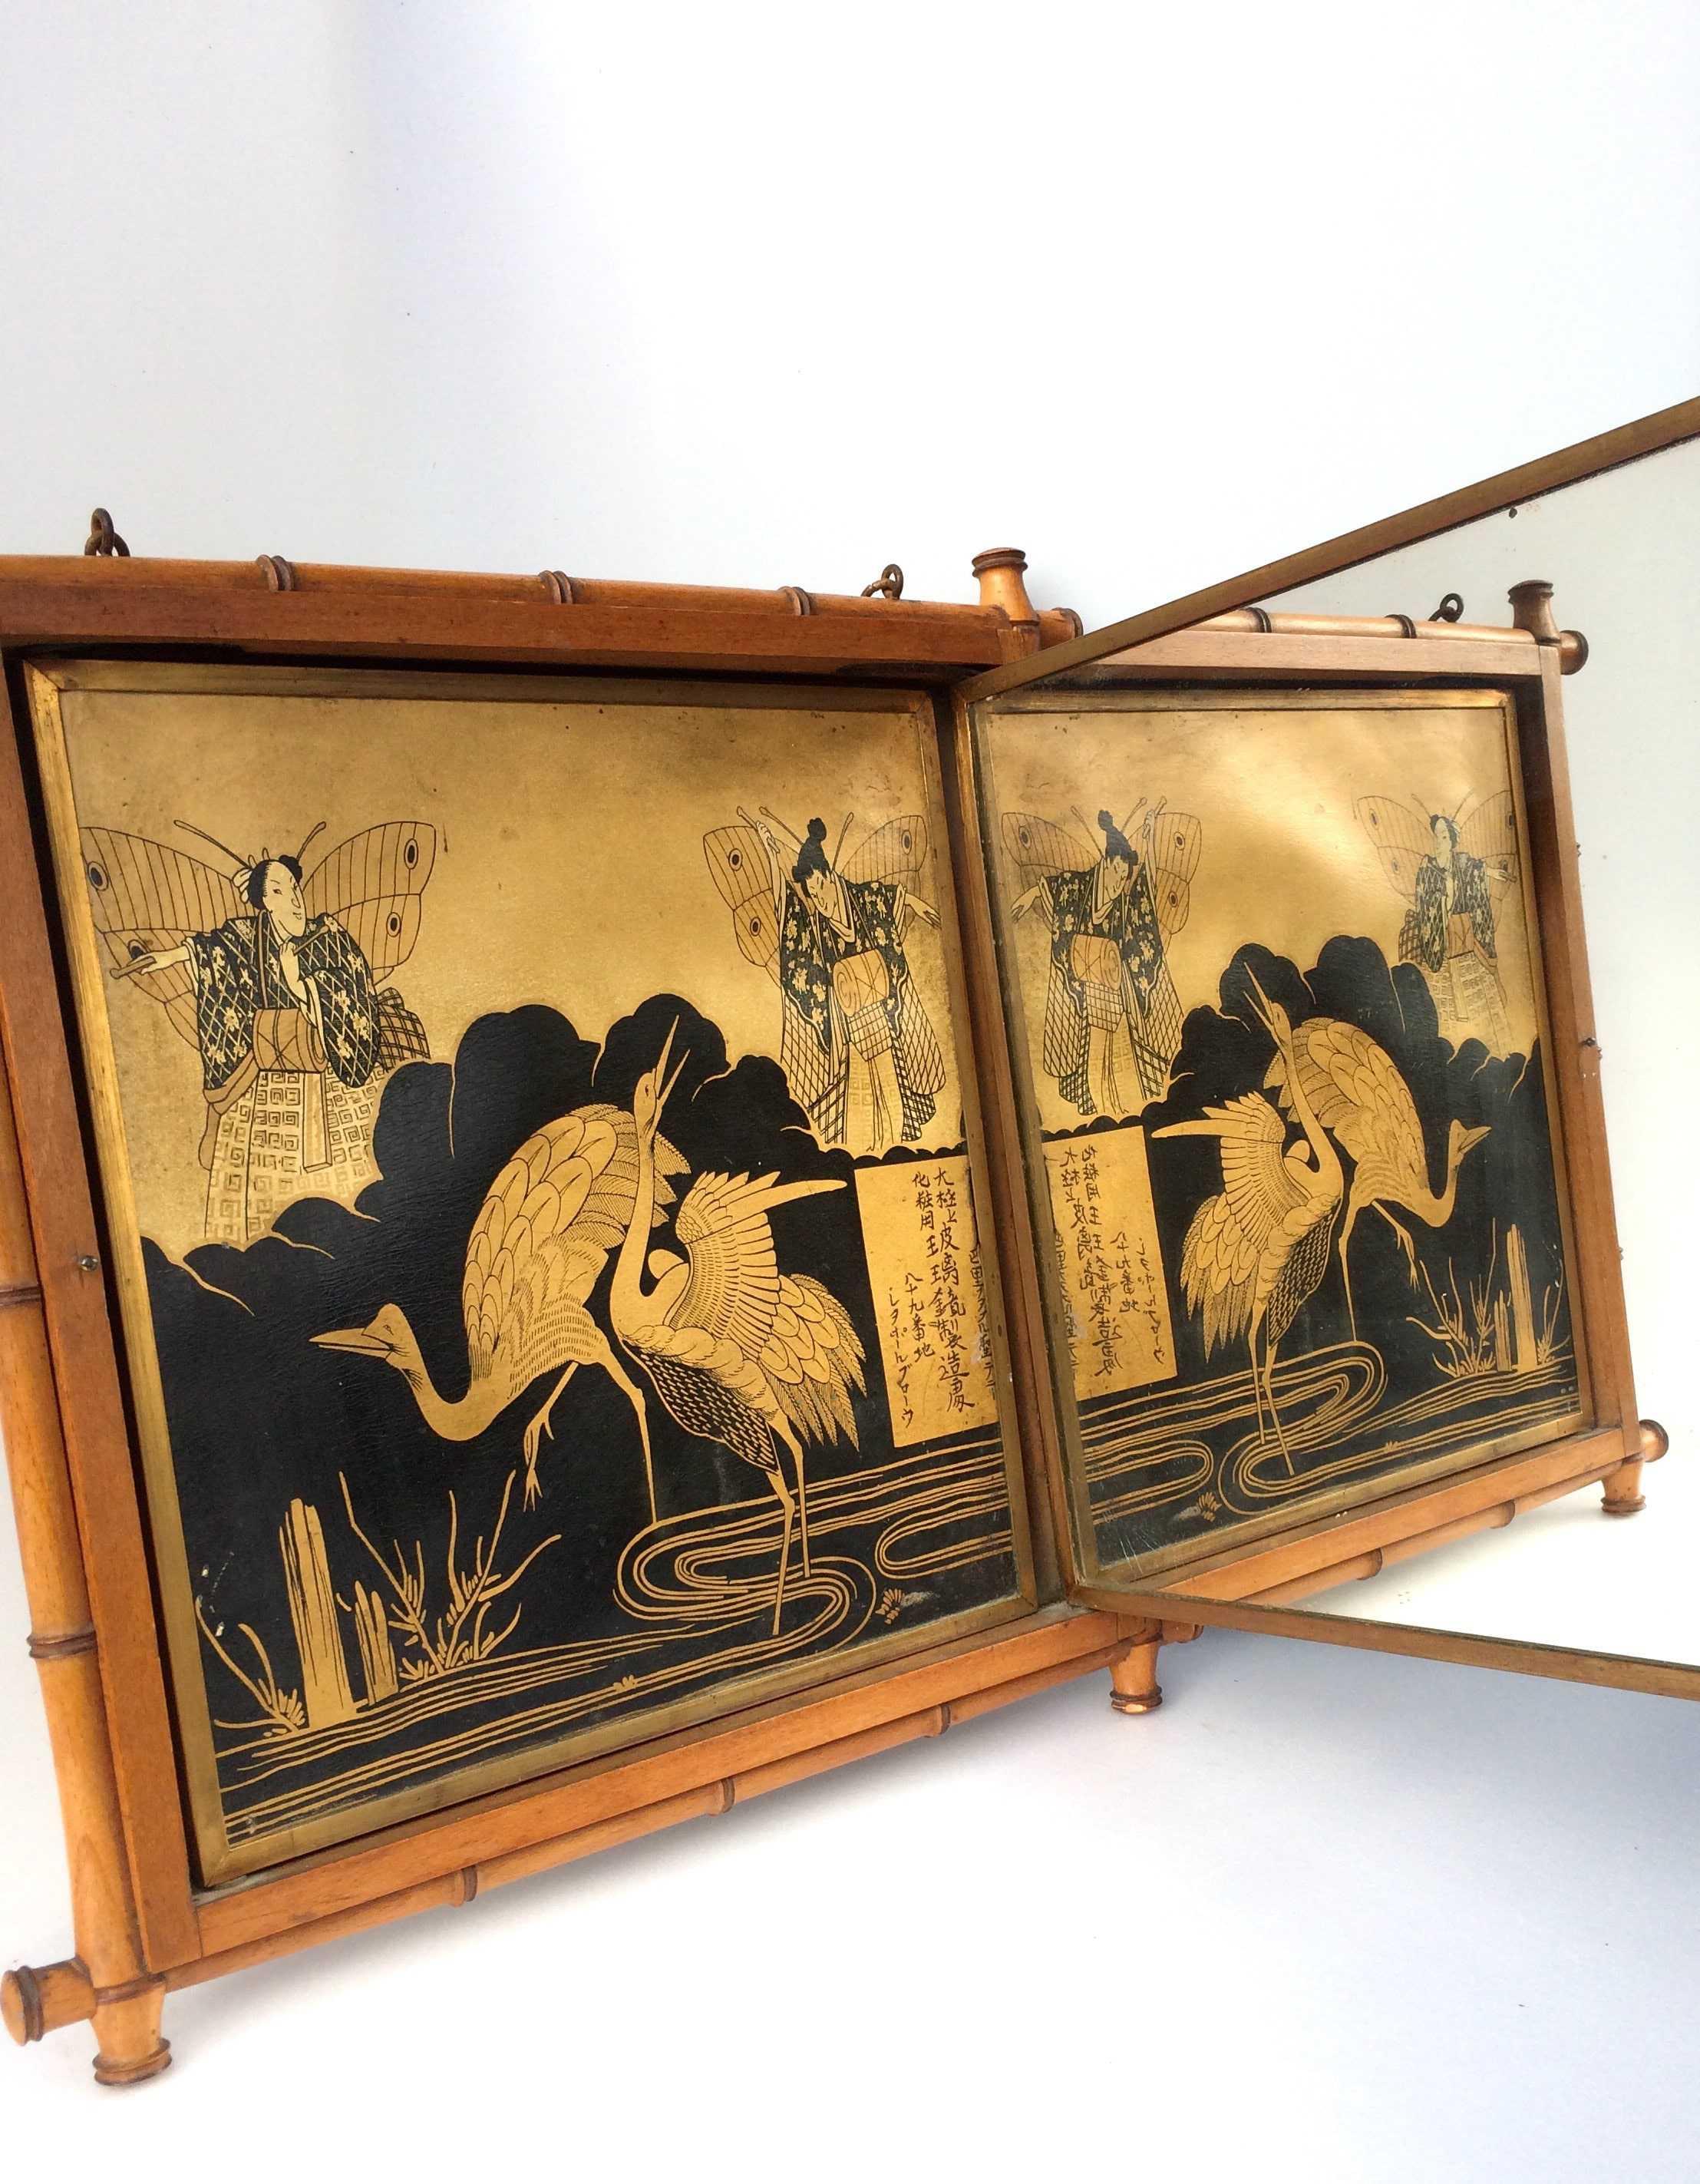 Miroir de barbier napol on 3 avec cadre en bambou et d cor du japon for Miroir de barbier